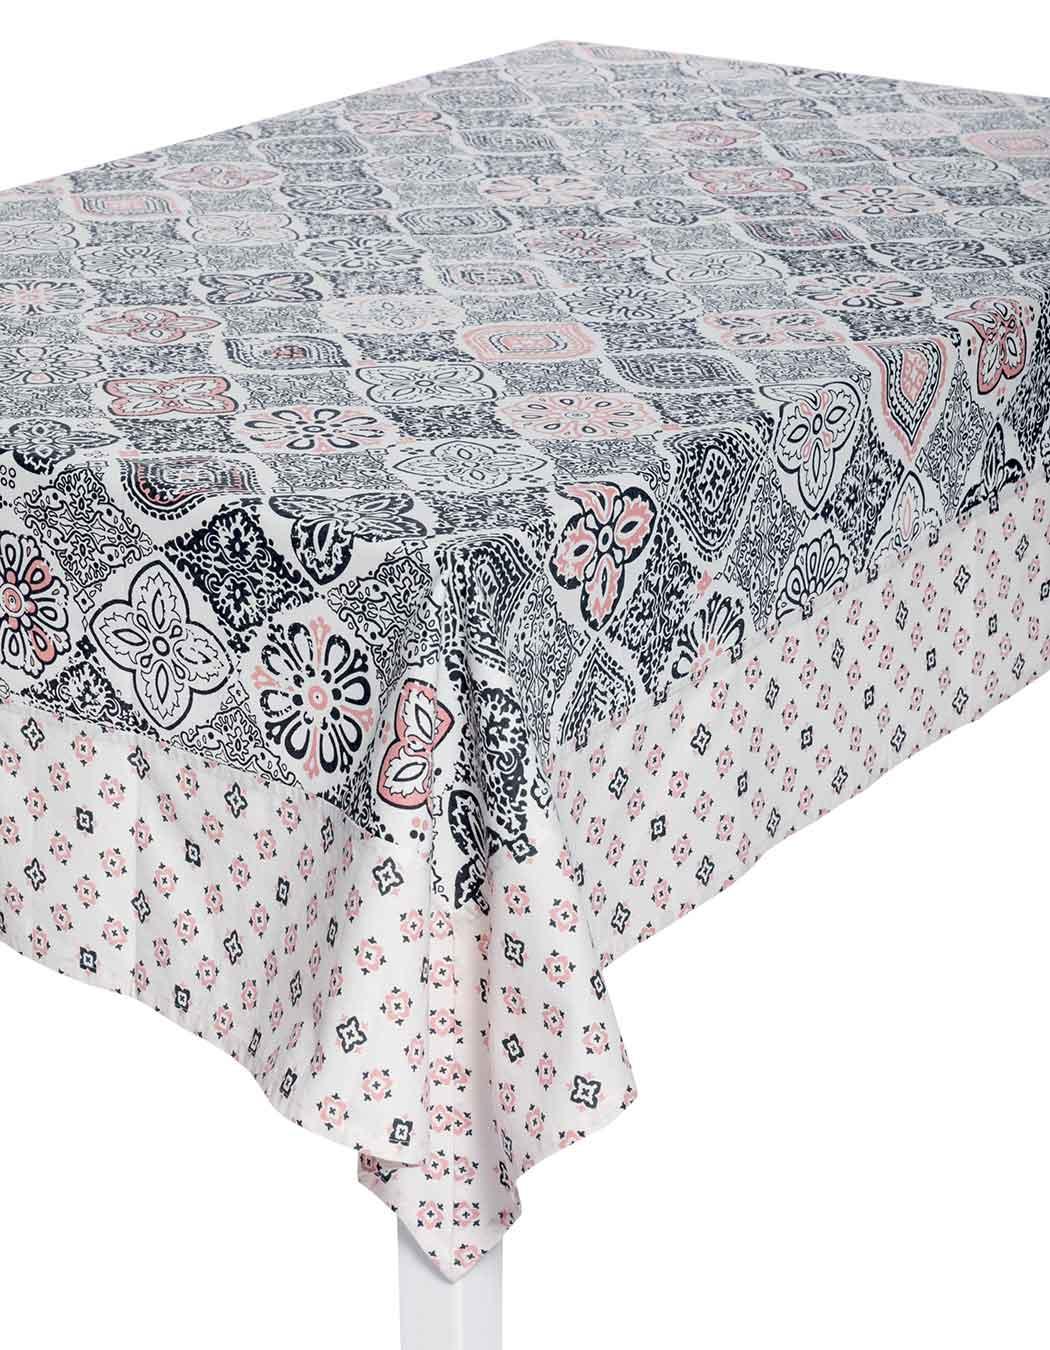 Nappe biprint en coton anthracite 170 x 170